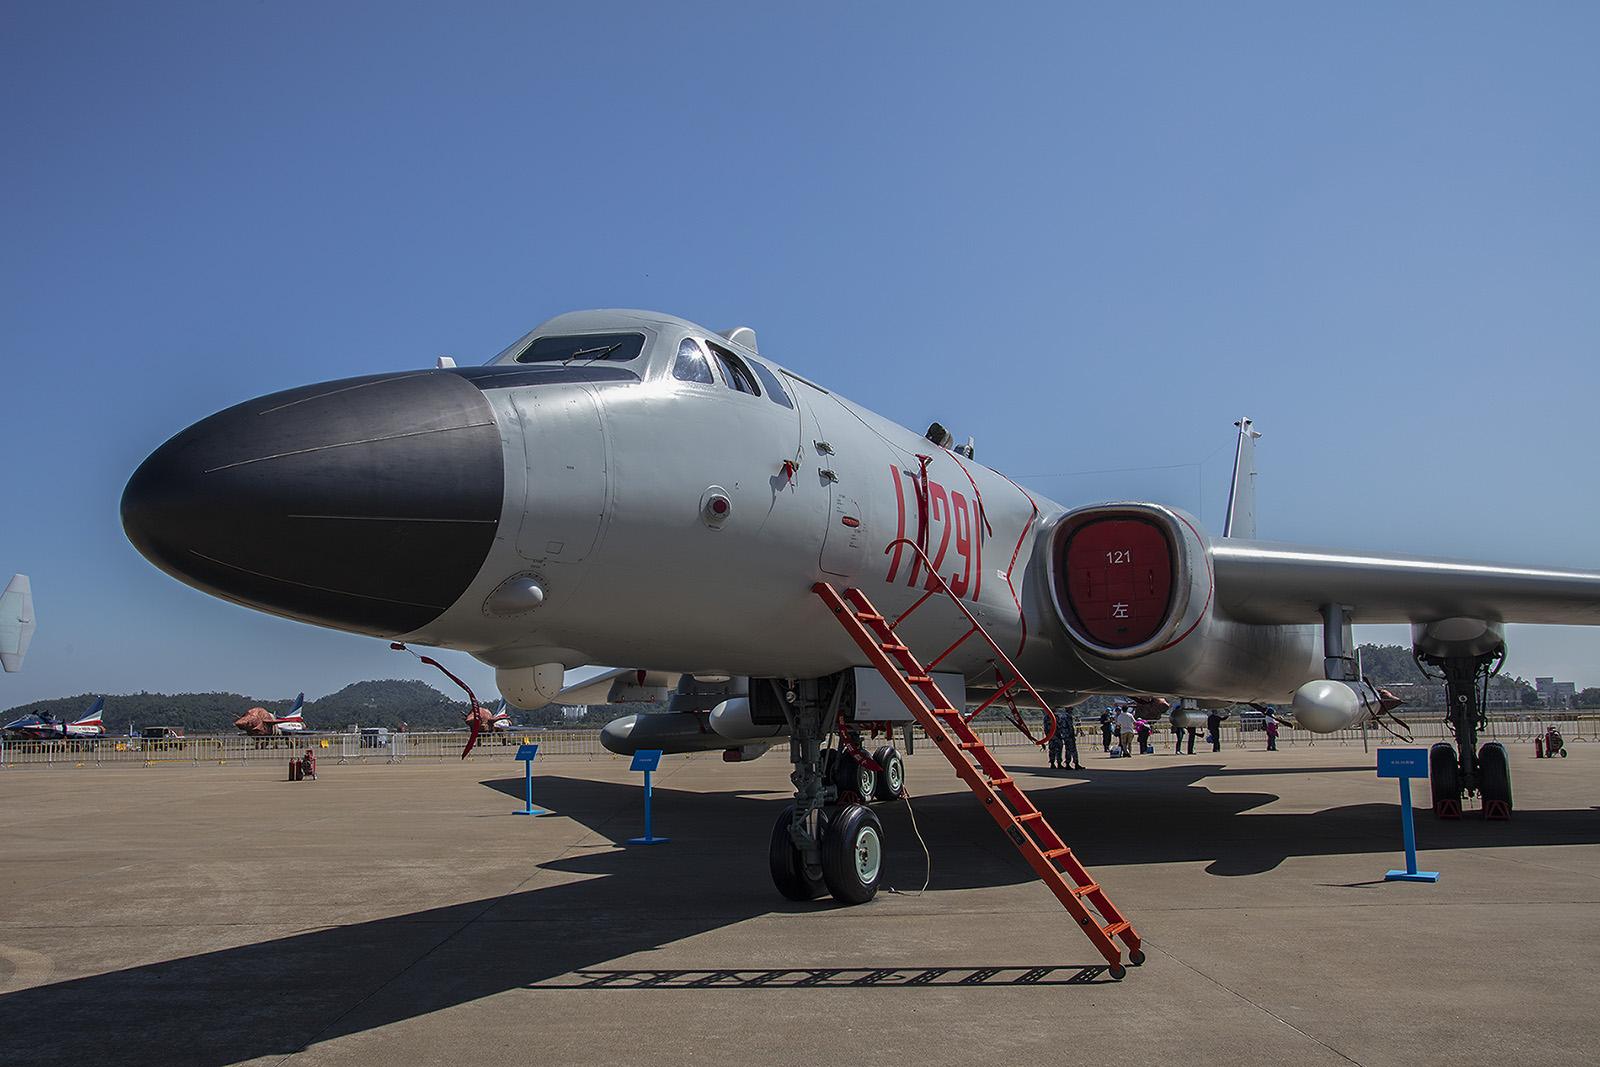 Der Xian H-6 ist ein Lizenzbau der Tupolev Tu-16. Mit seinem Ursprungsmuster hat er in der modernsten Variante H-6K aber nur sie äußere Form gemein.